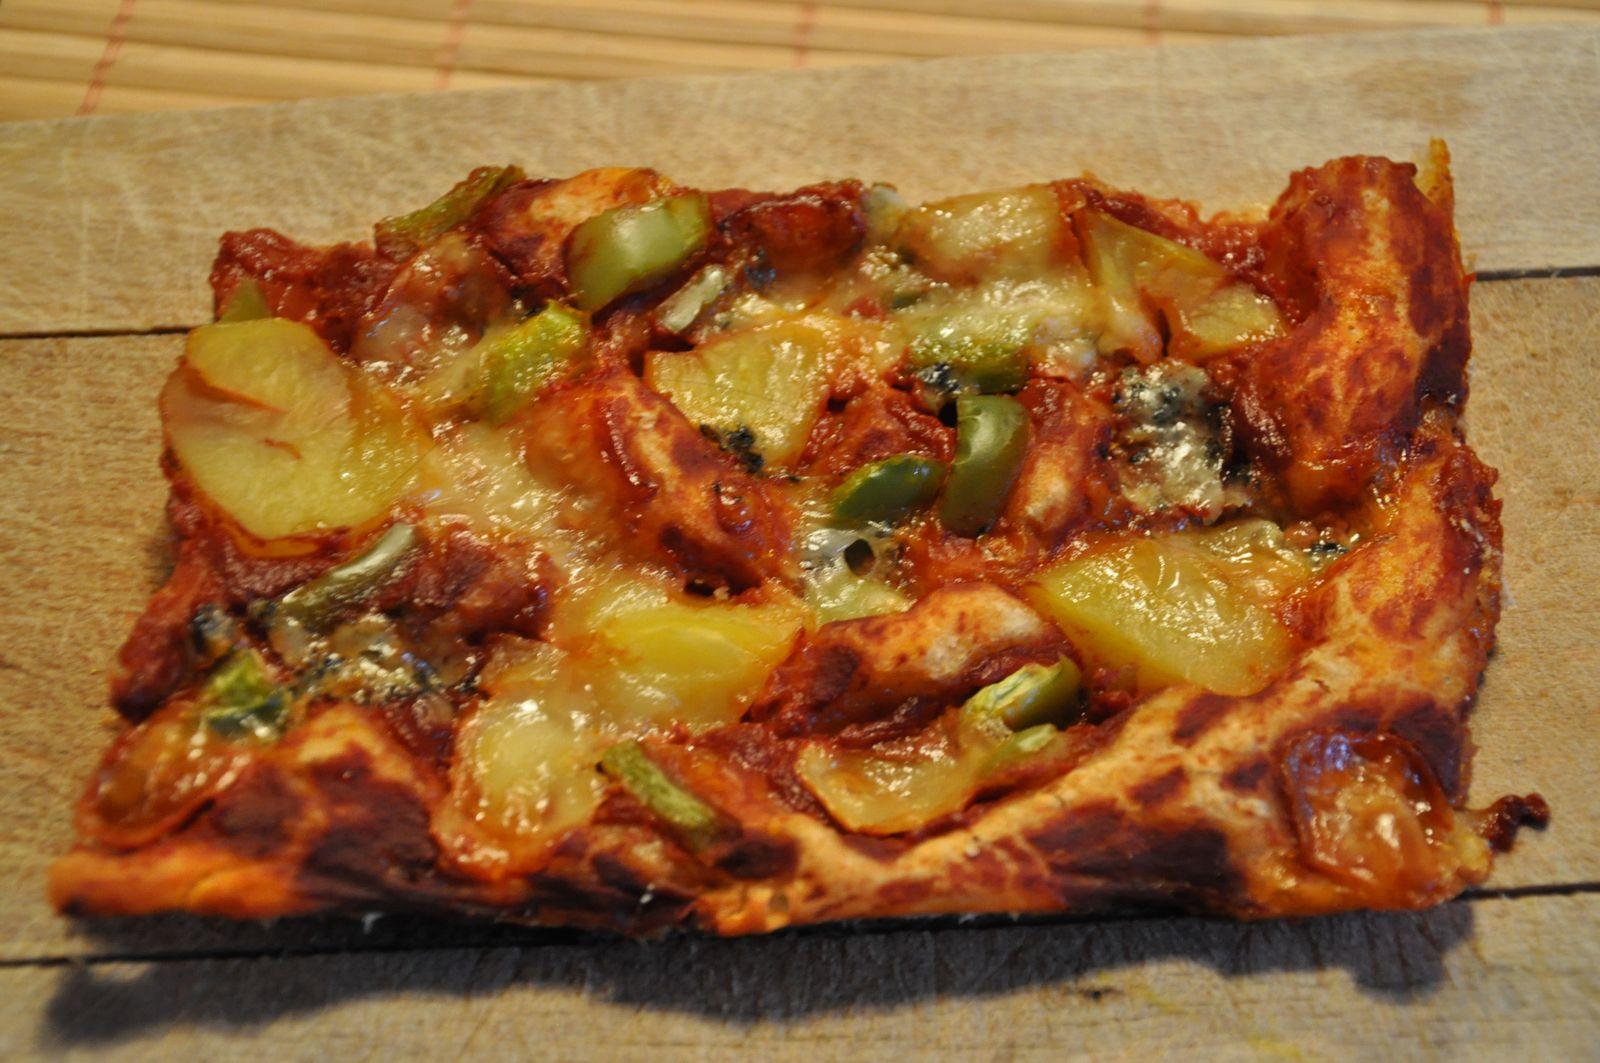 Pizza coulis tomate-poivron - p de t et mozzarella